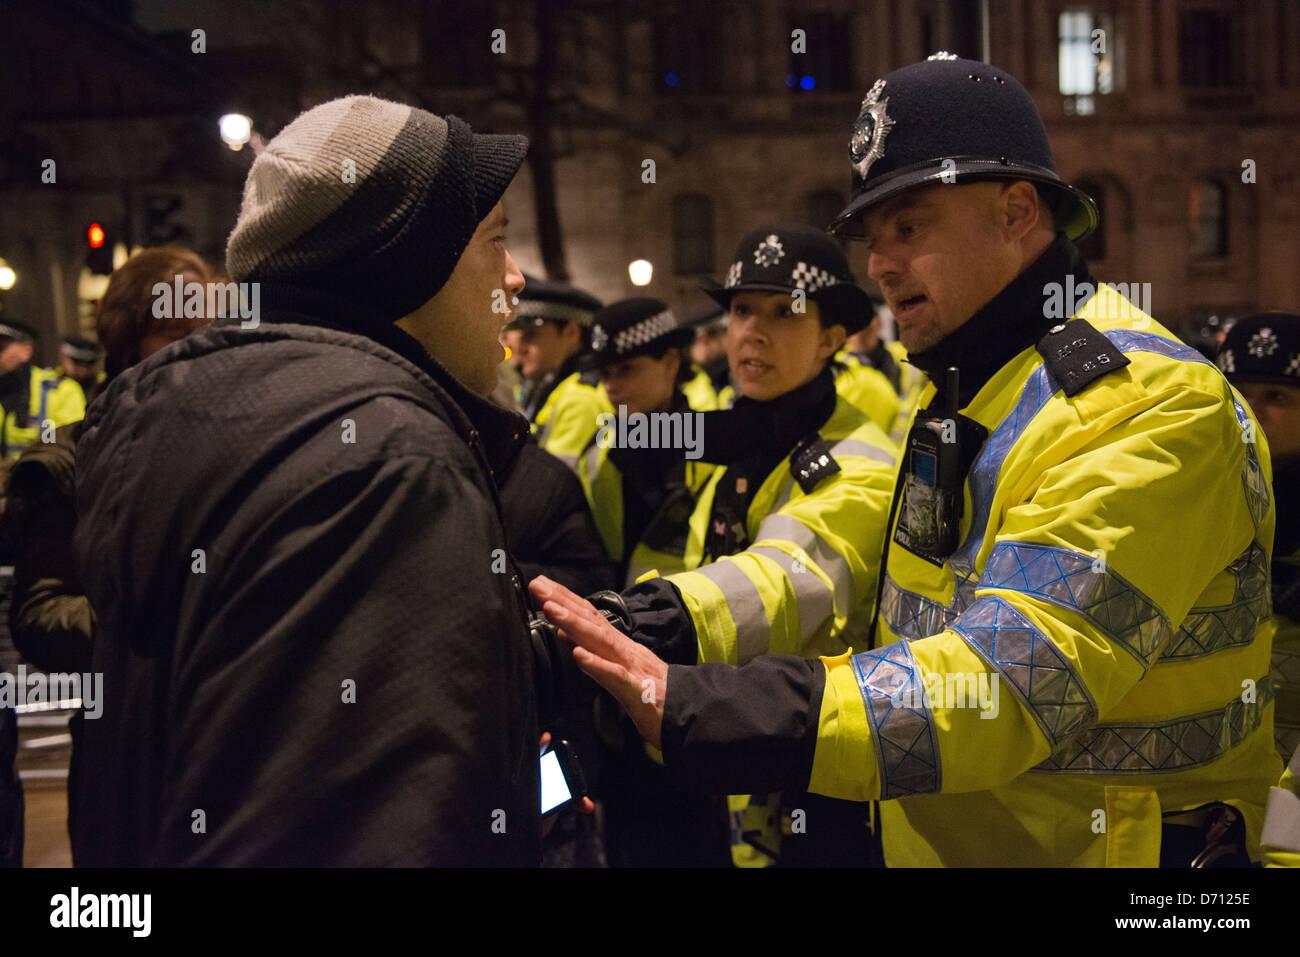 Metropolitanpolizei versuchen zu beruhigen, ein Demonstrant, der fühlt, dass er gegen seinen Willen festgehalten Stockbild